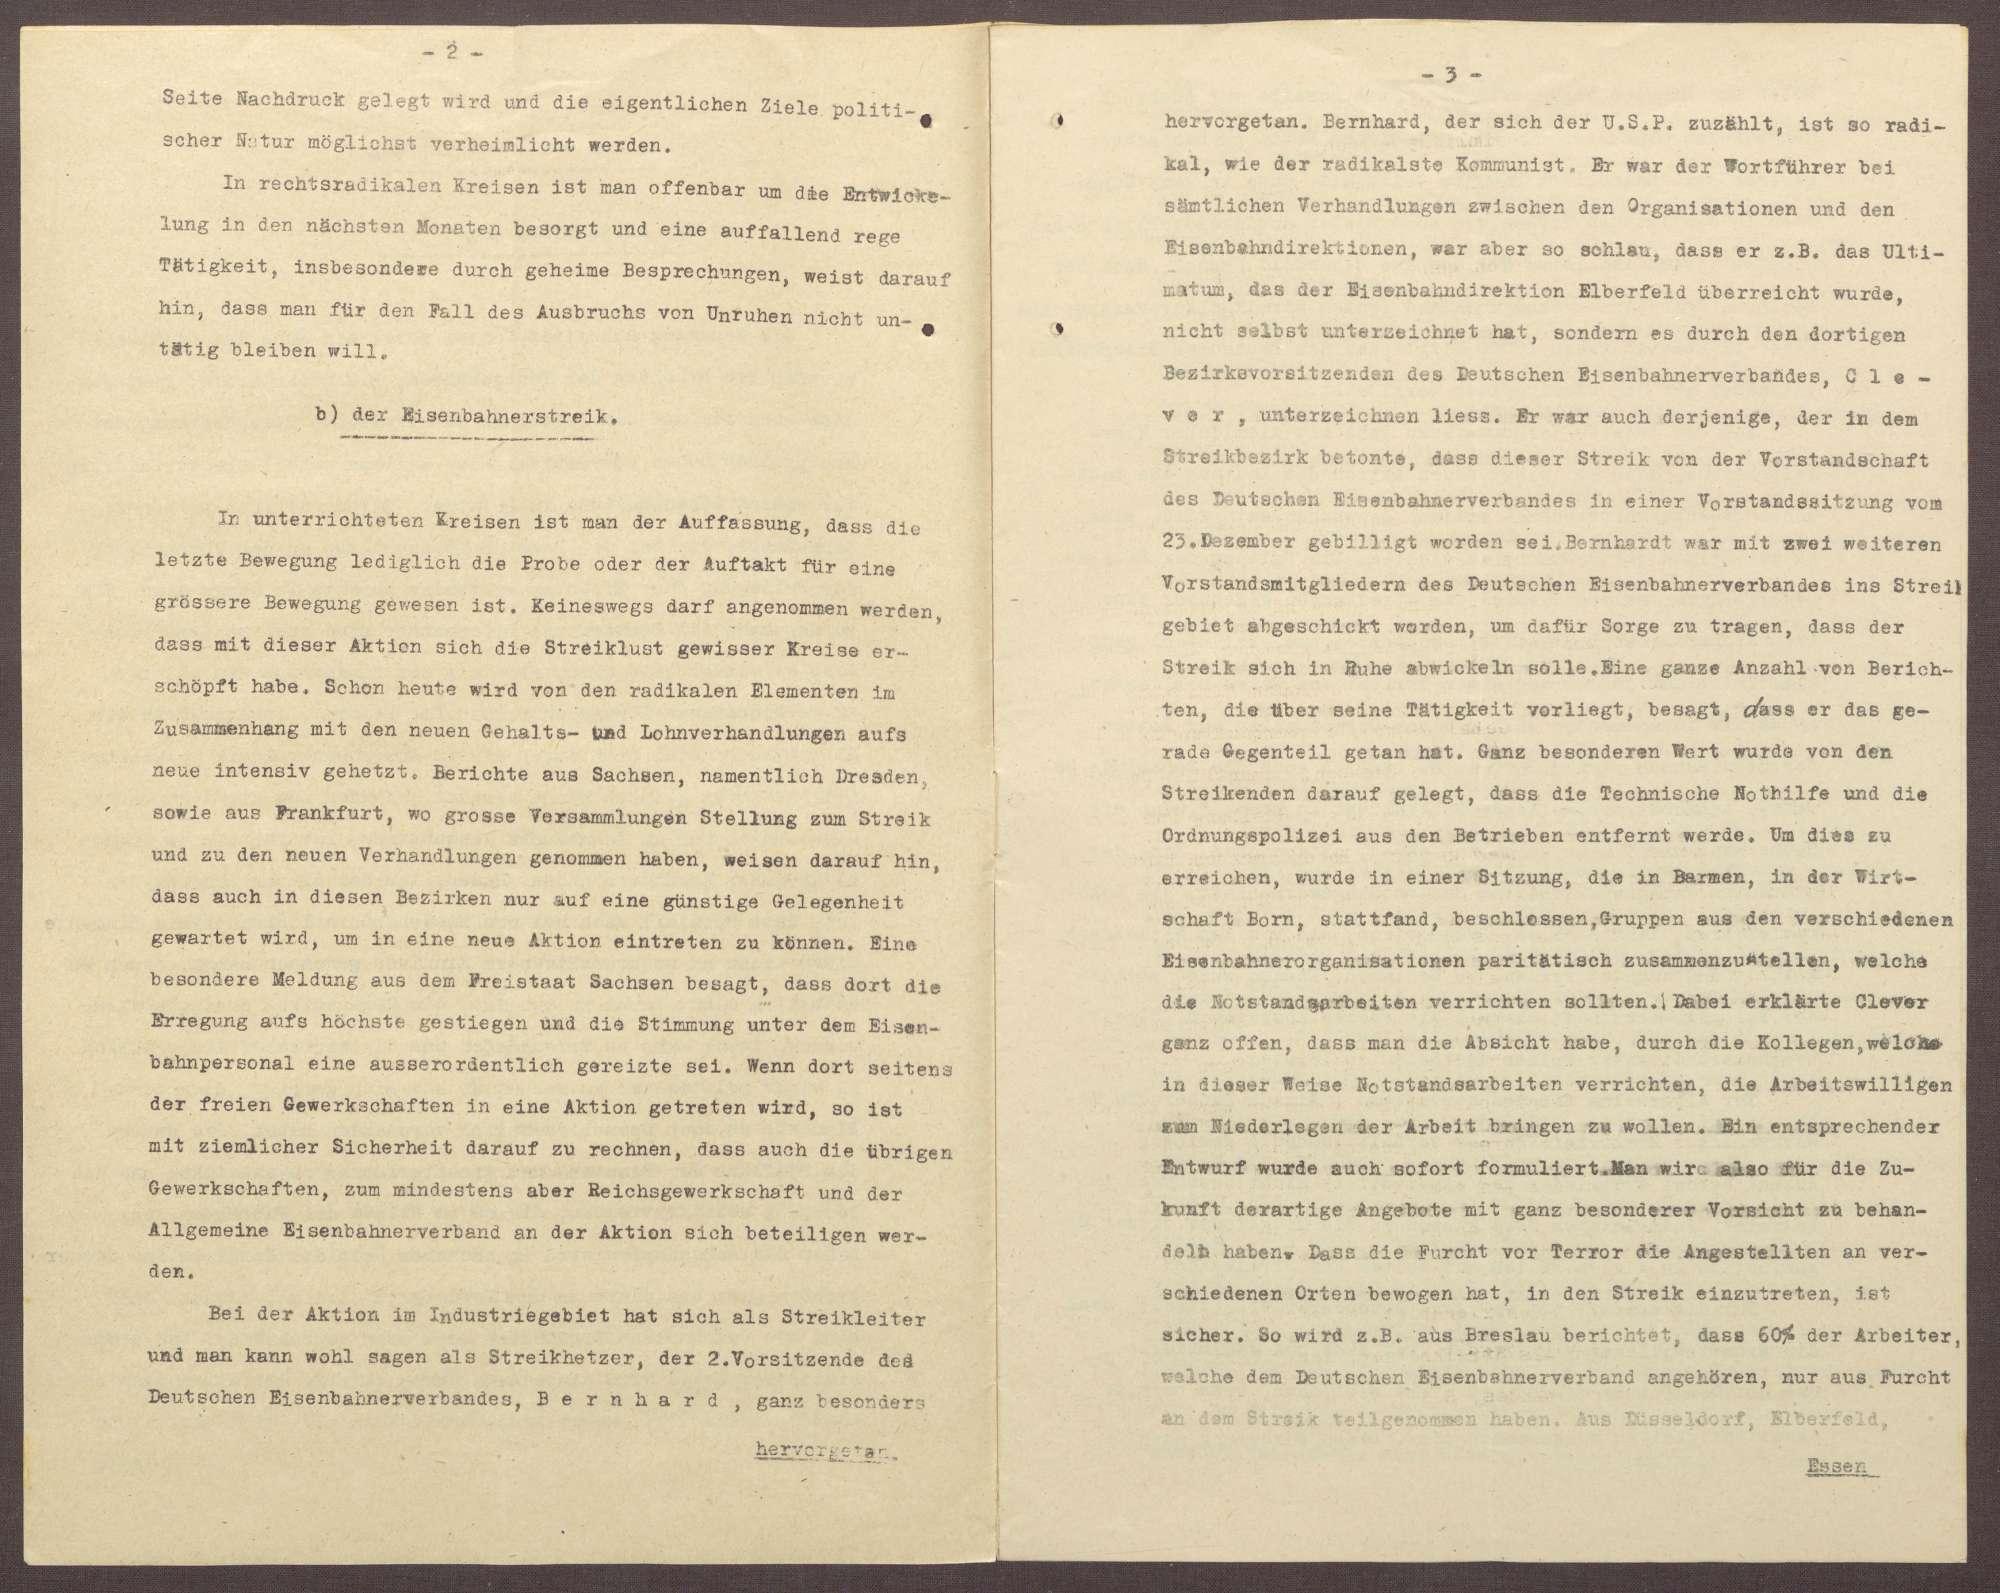 Lageberichte des Reichskommissars für Überwachung der öffentlichen Ordnung, Nr. 64, Bild 3